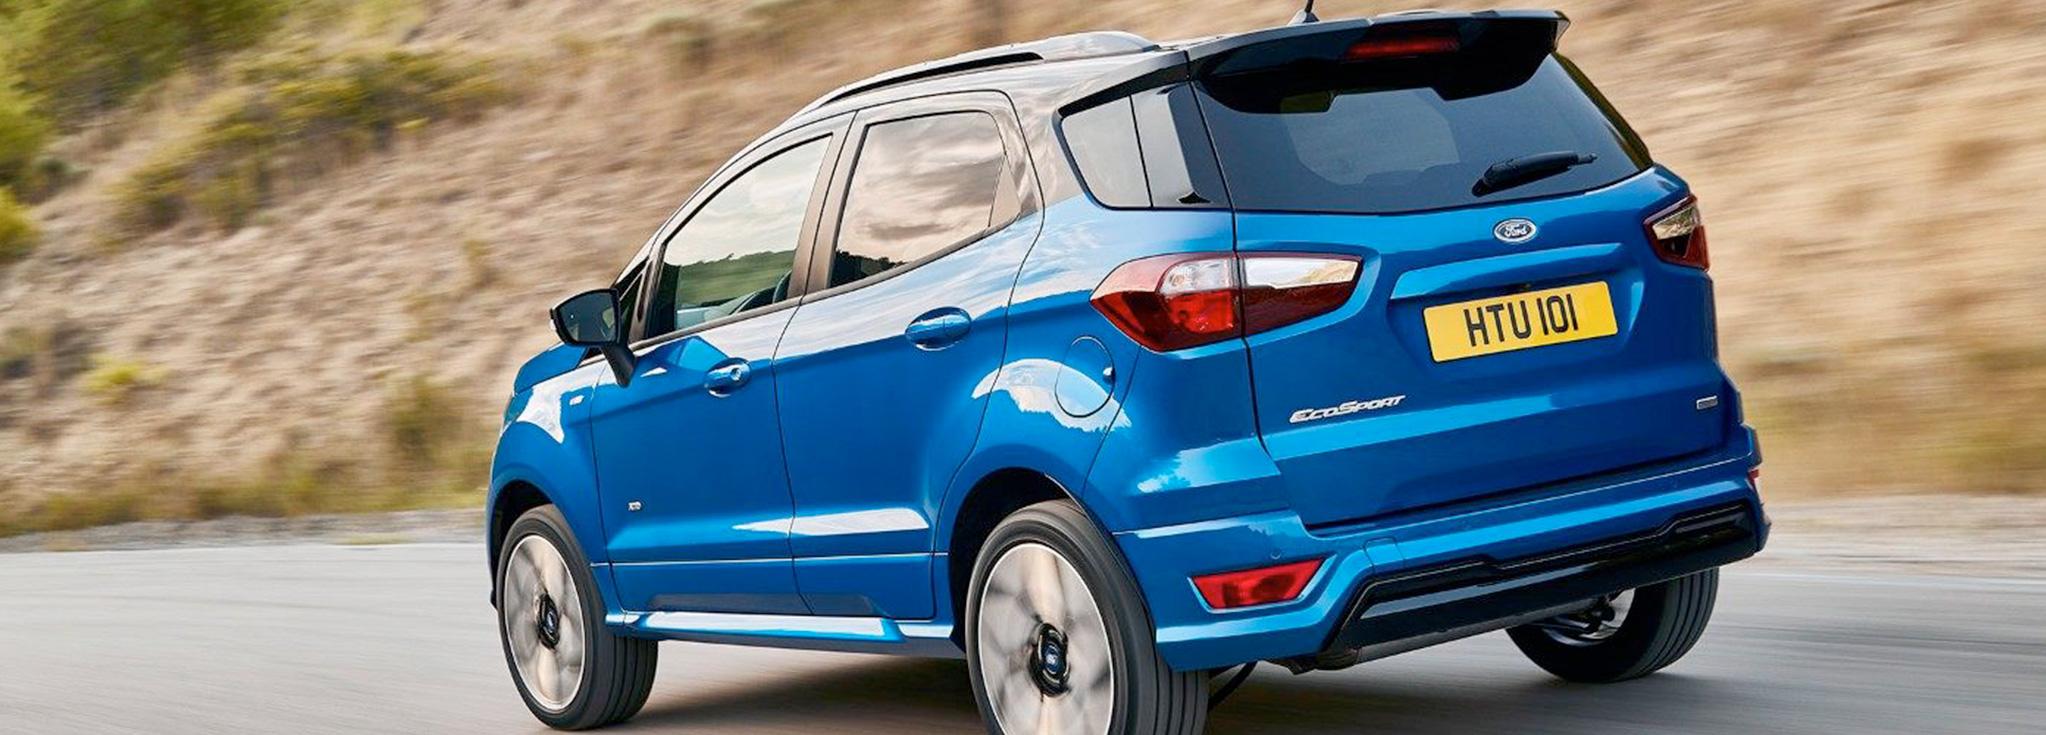 Ford EcoSport en carretera